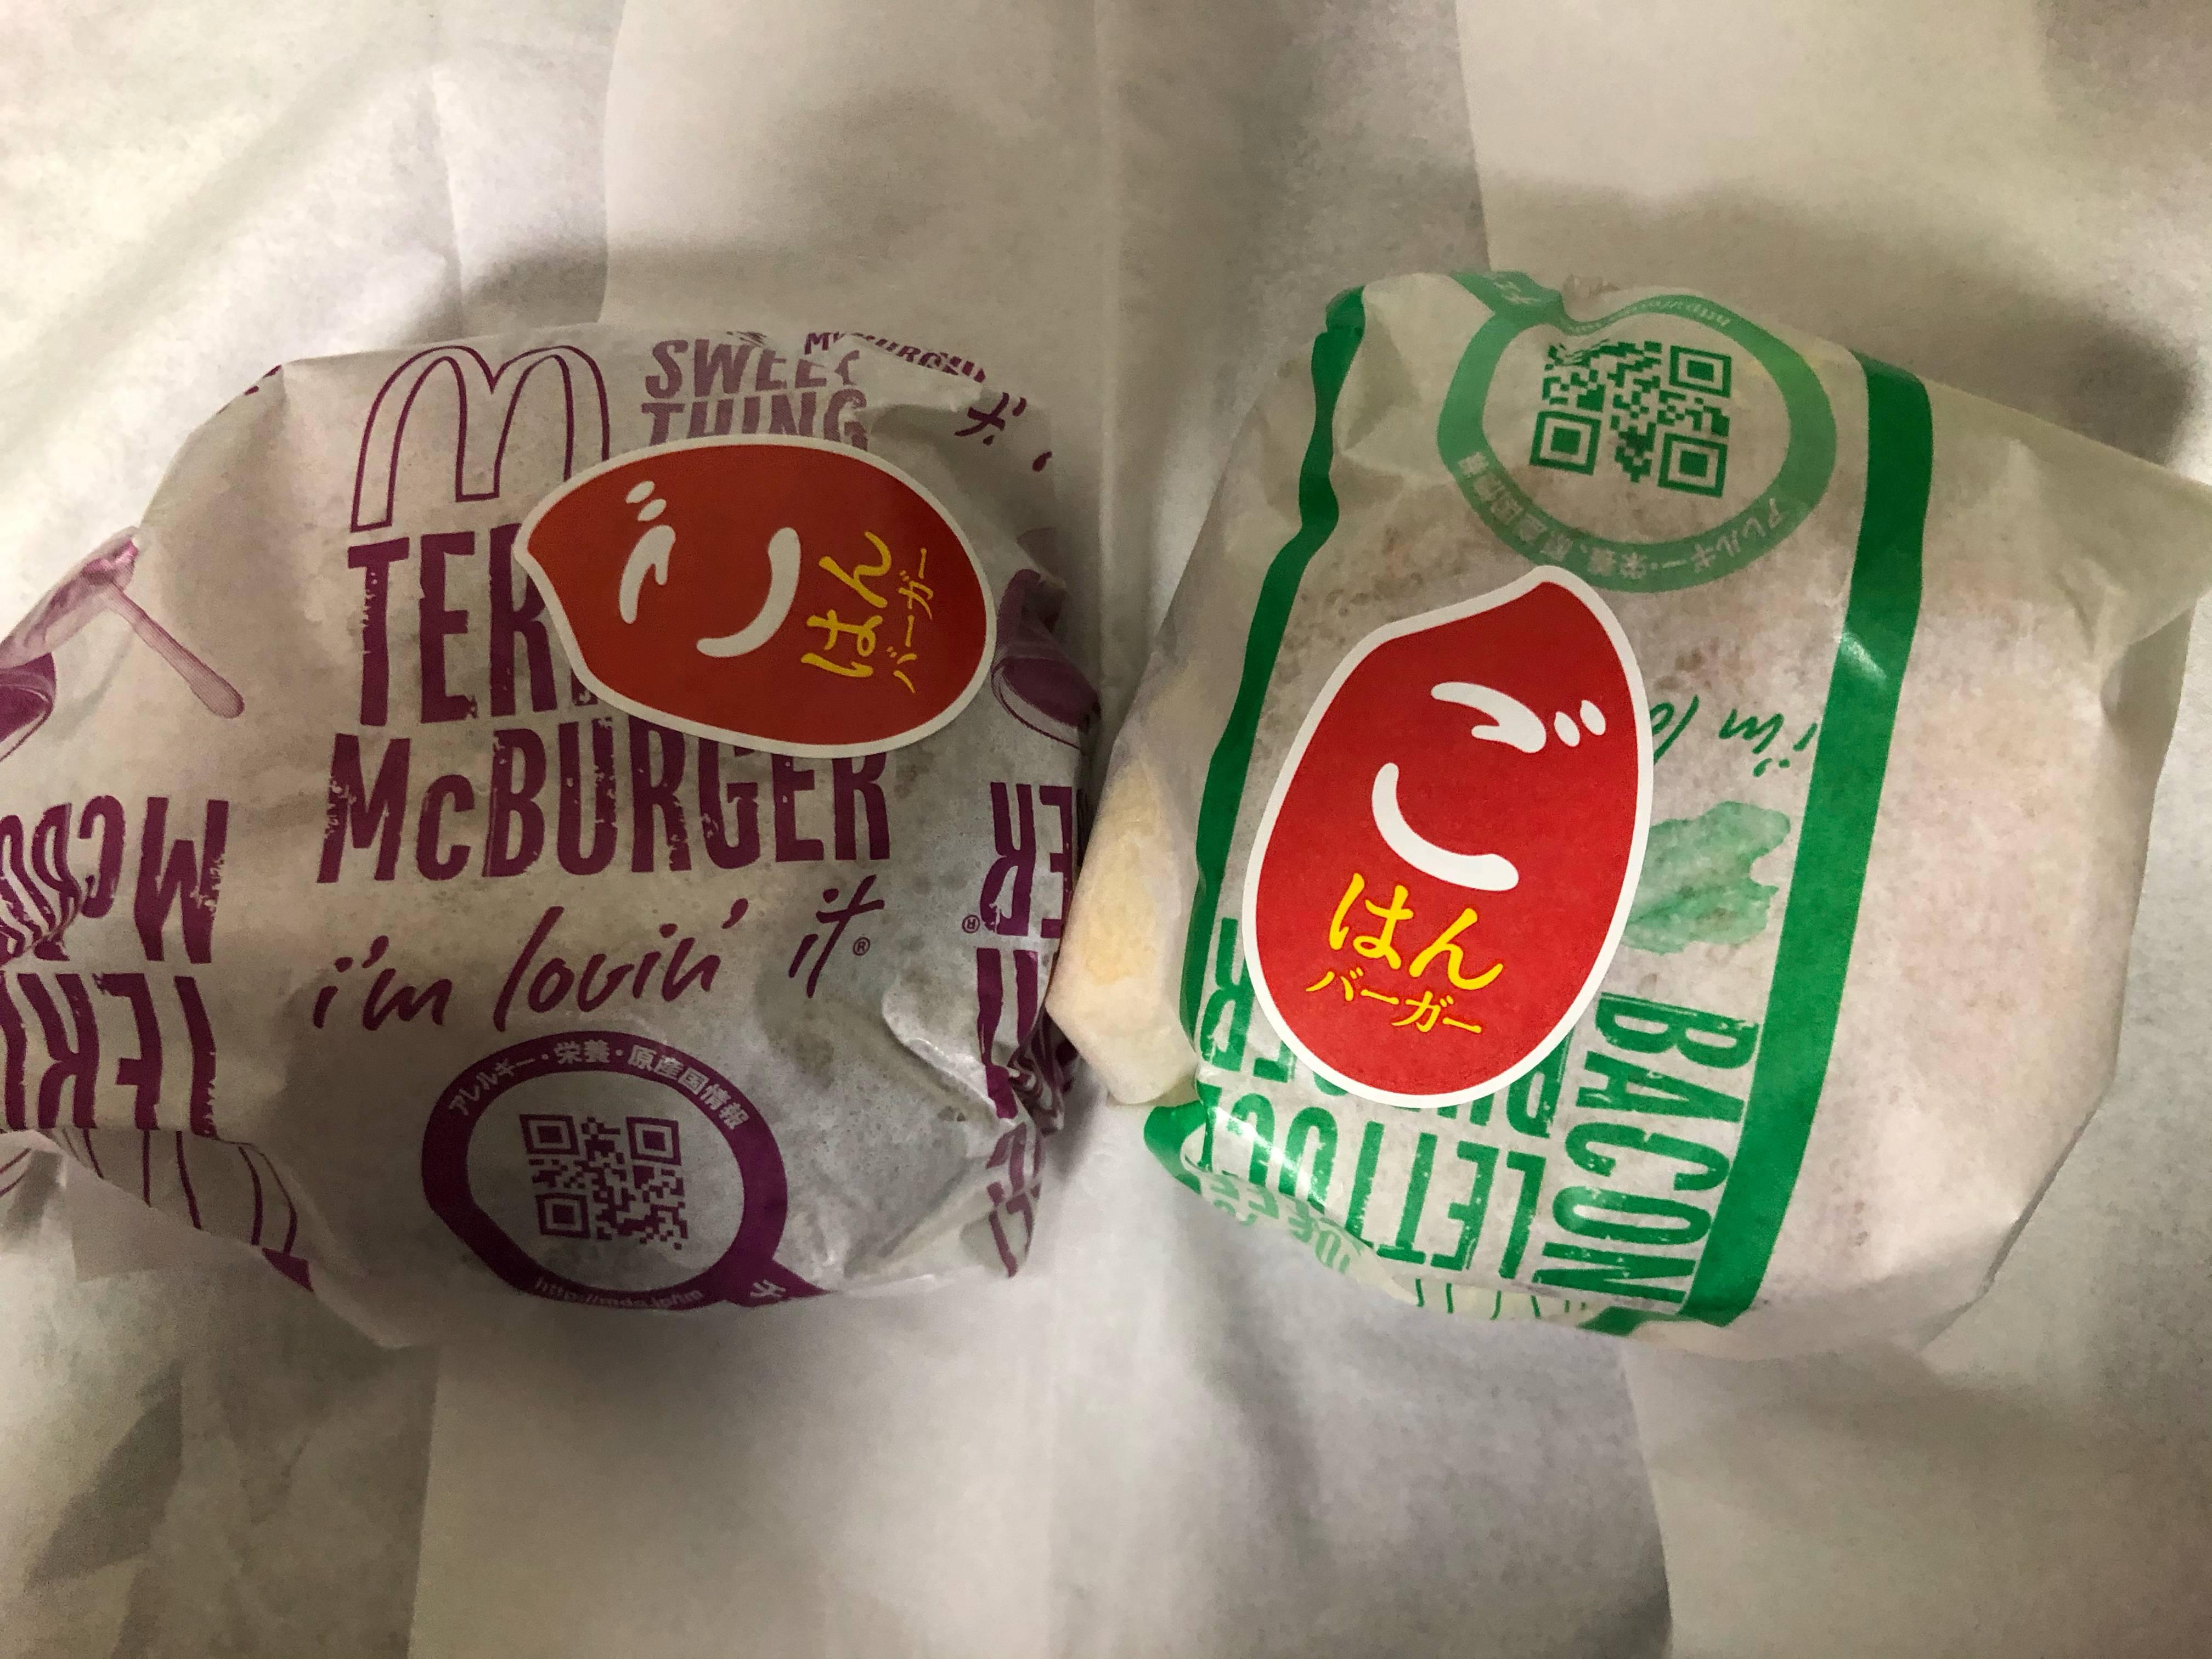 【画像】早速マクドナルドで新発売のライスバーガー買ってきたで!!!!!!!!!